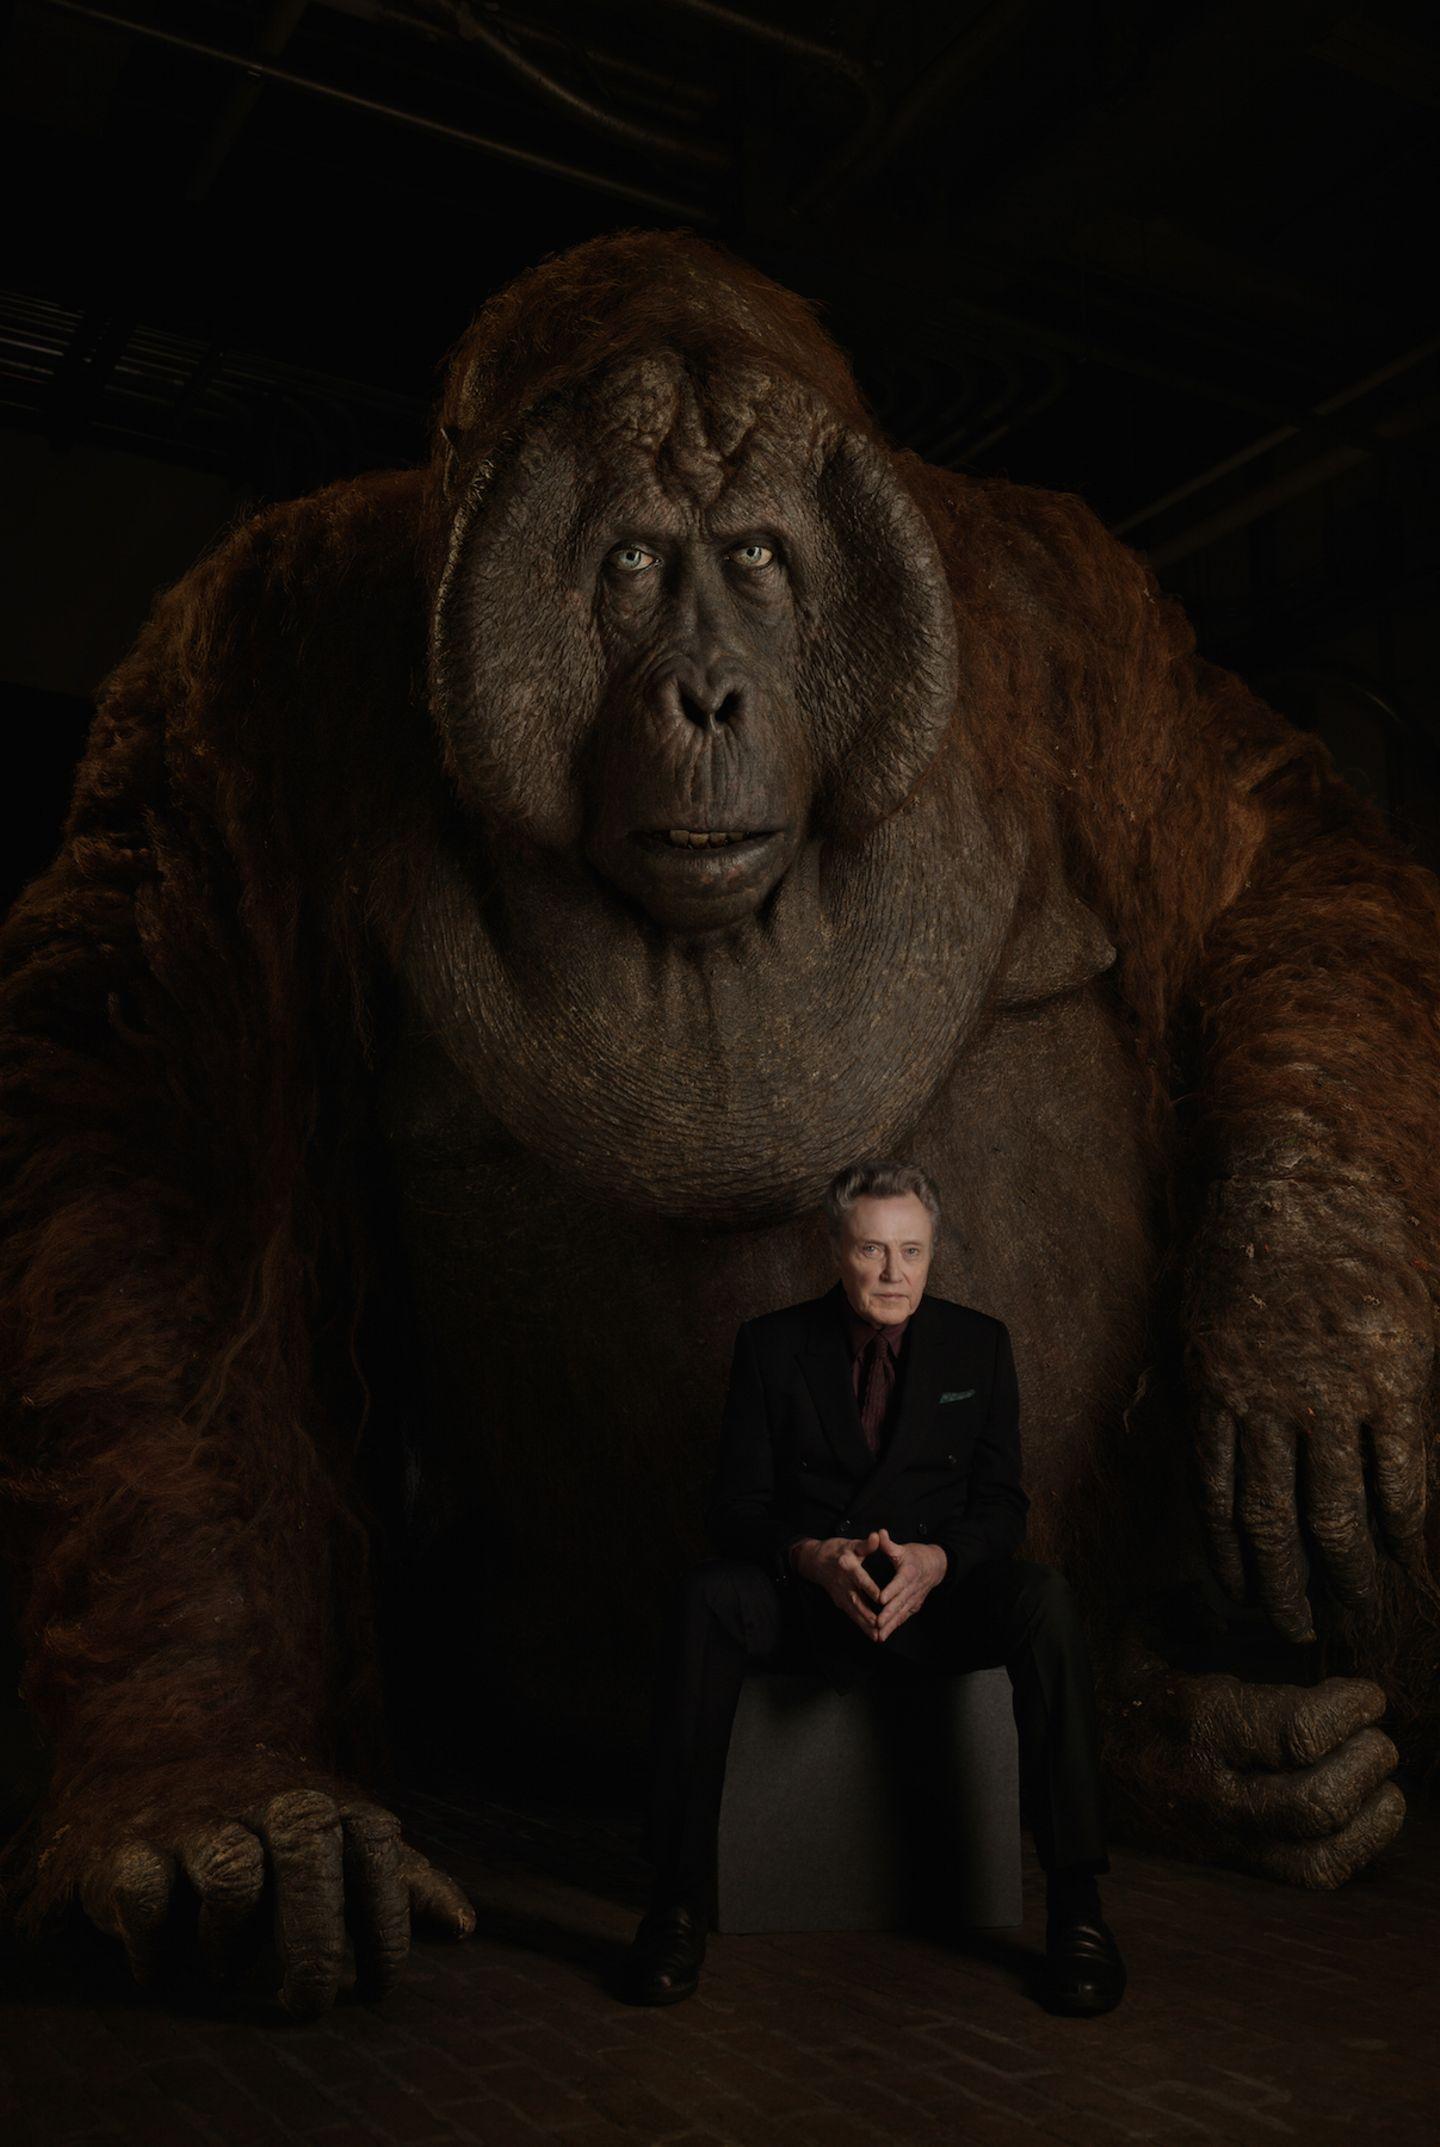 """King Louie ist ein hinterlistiger Affe, der Mogli dazu bringen will, ihm das Geheimnis der mysteriösen tödlichen roten Blume, genannt """"Feuer"""" zu verraten."""